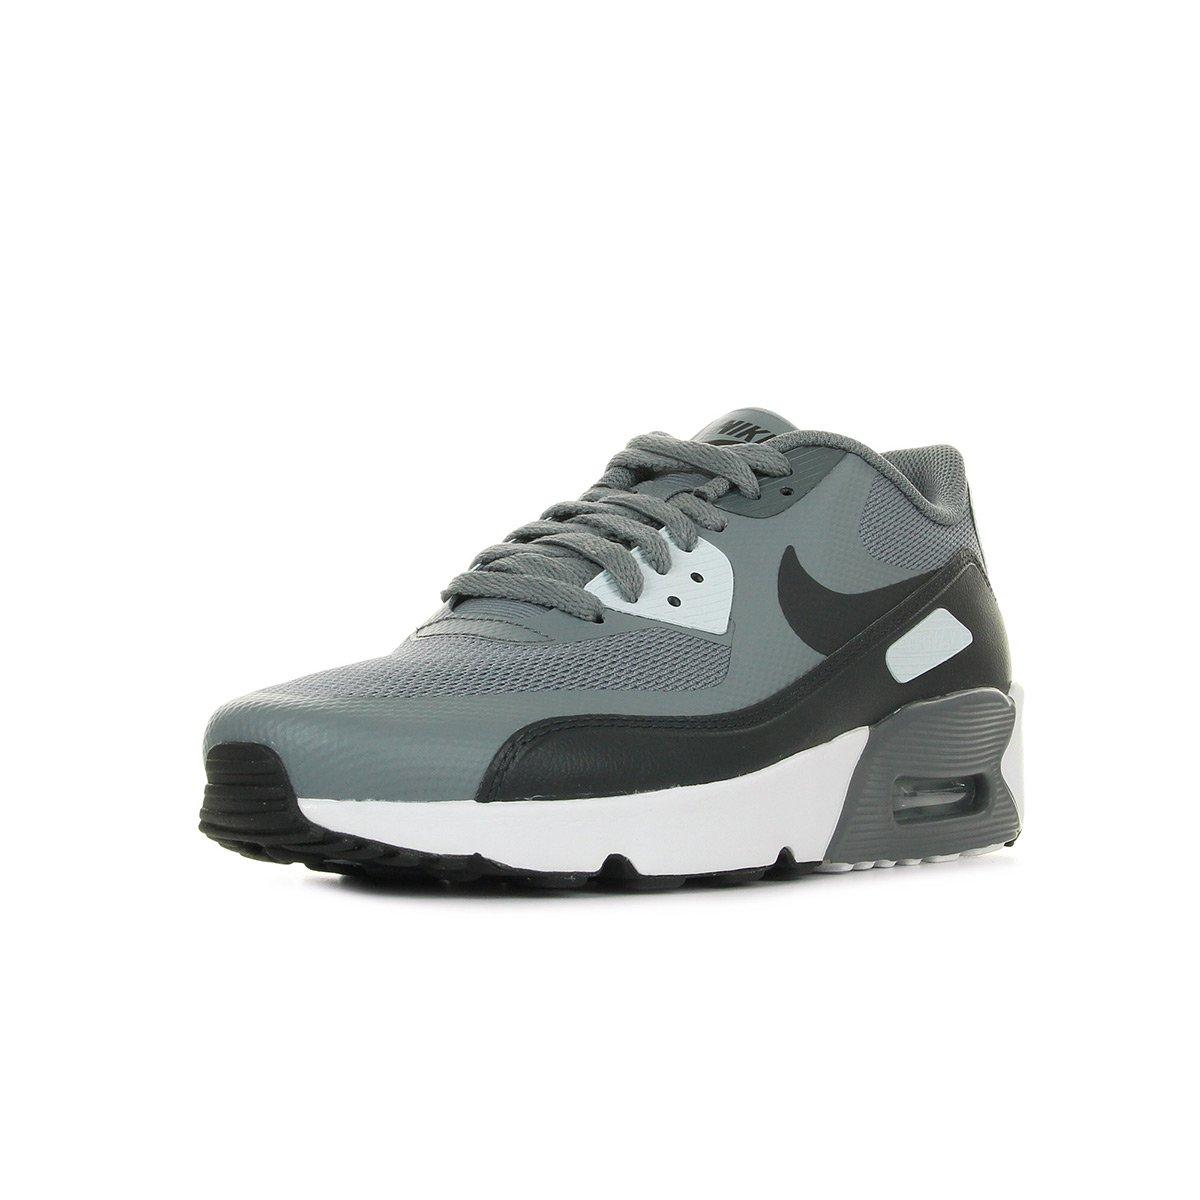 Nike Air max 90 Ultra 2.0 Bg 869950007, 869950007, 869950007, Turnschuhe a78cb9